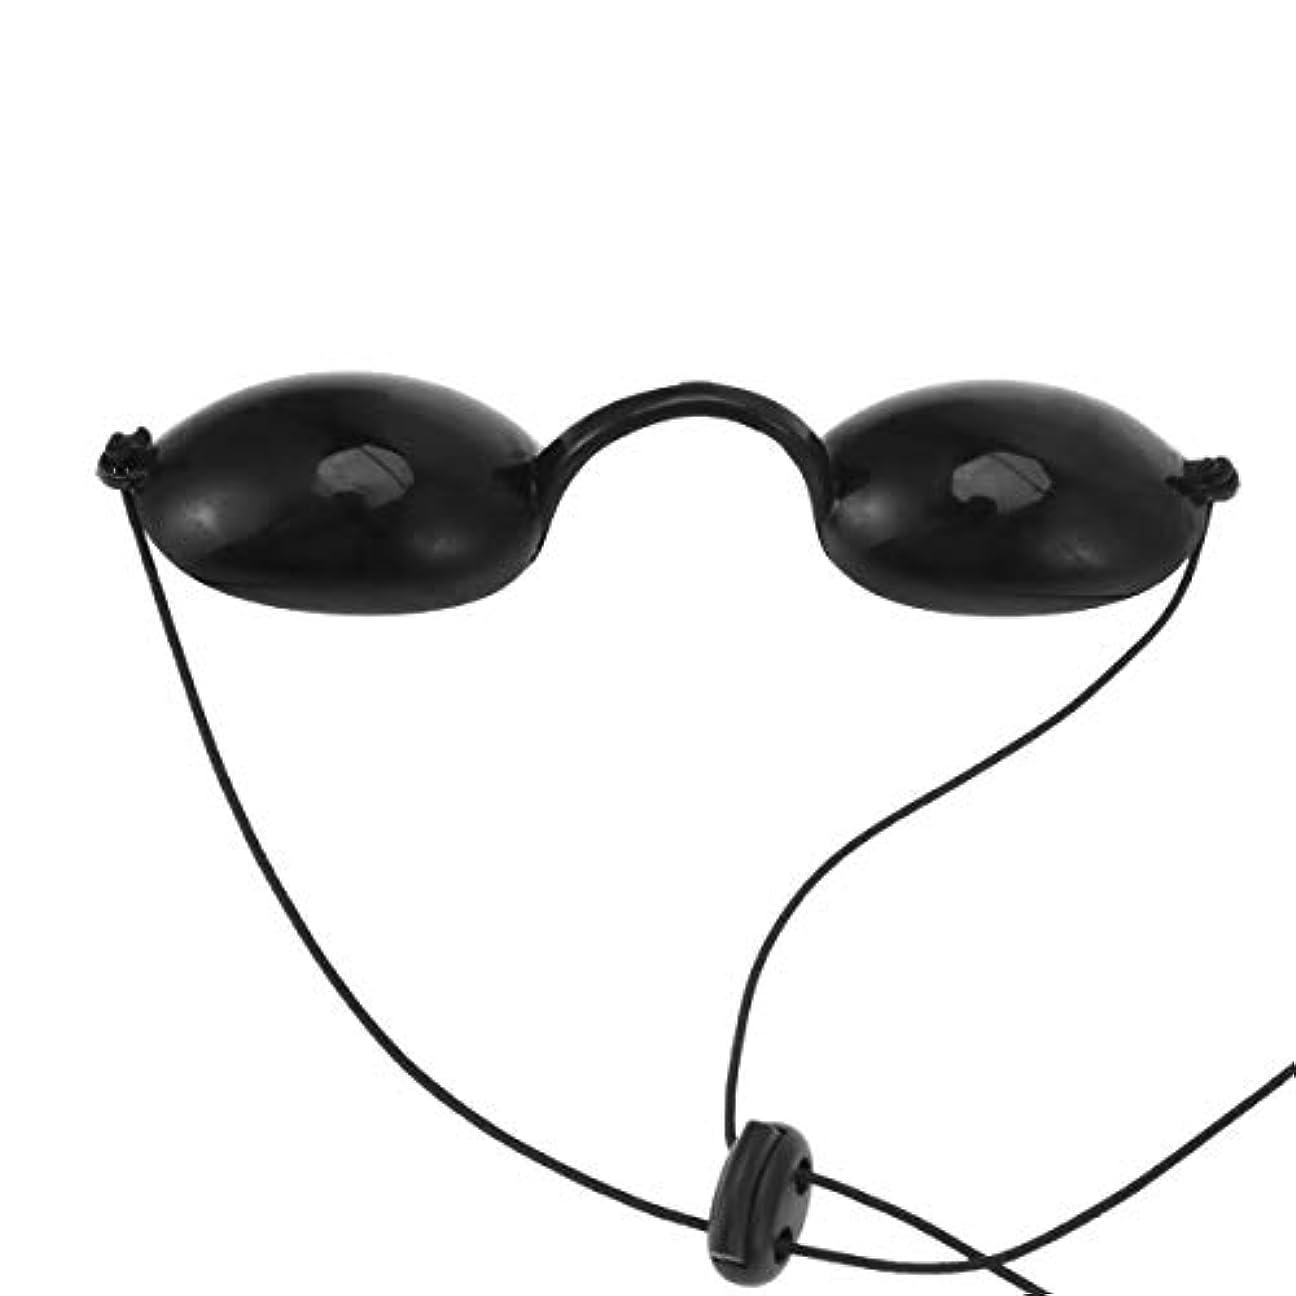 追跡副泥だらけSUPVOX成人日焼けゴーグルUVプロテクションアイパッチライトセラピーメガネアイカラー(ブラック)